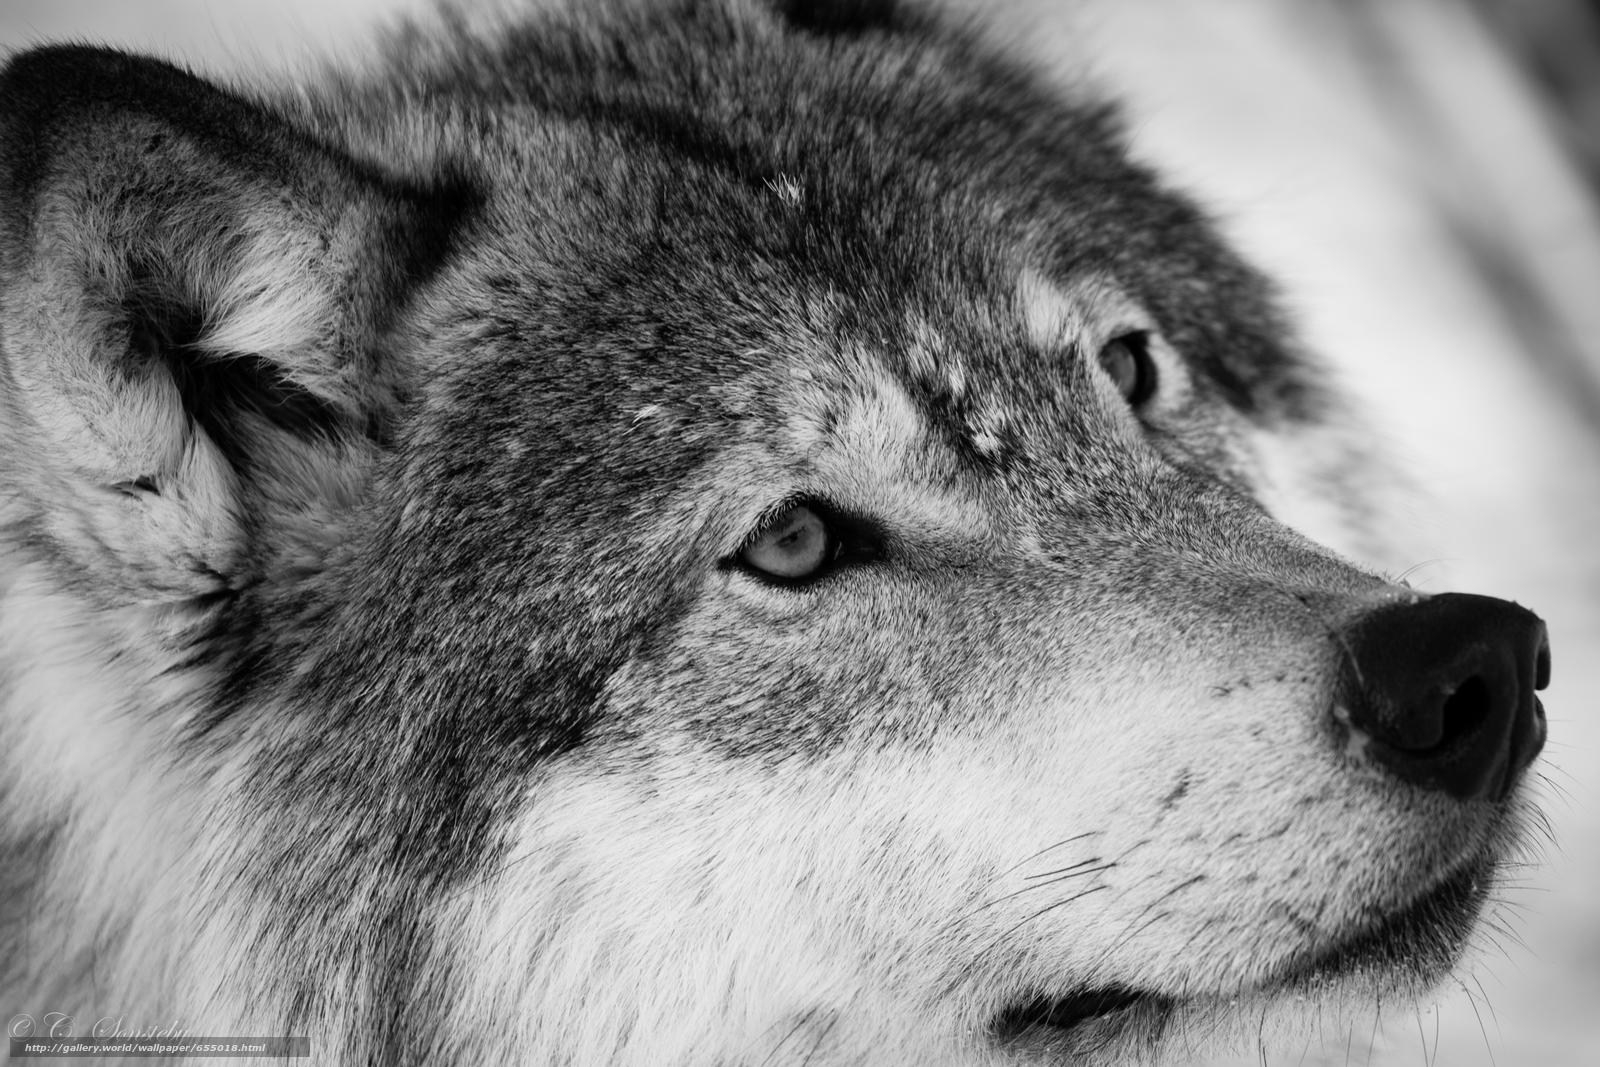 Tlcharger Fond d'ecran loup,  Wolves,  animaux,  hiver Fonds d'ecran gratuits pour votre rsolution du bureau 5760x3840 — image №655018